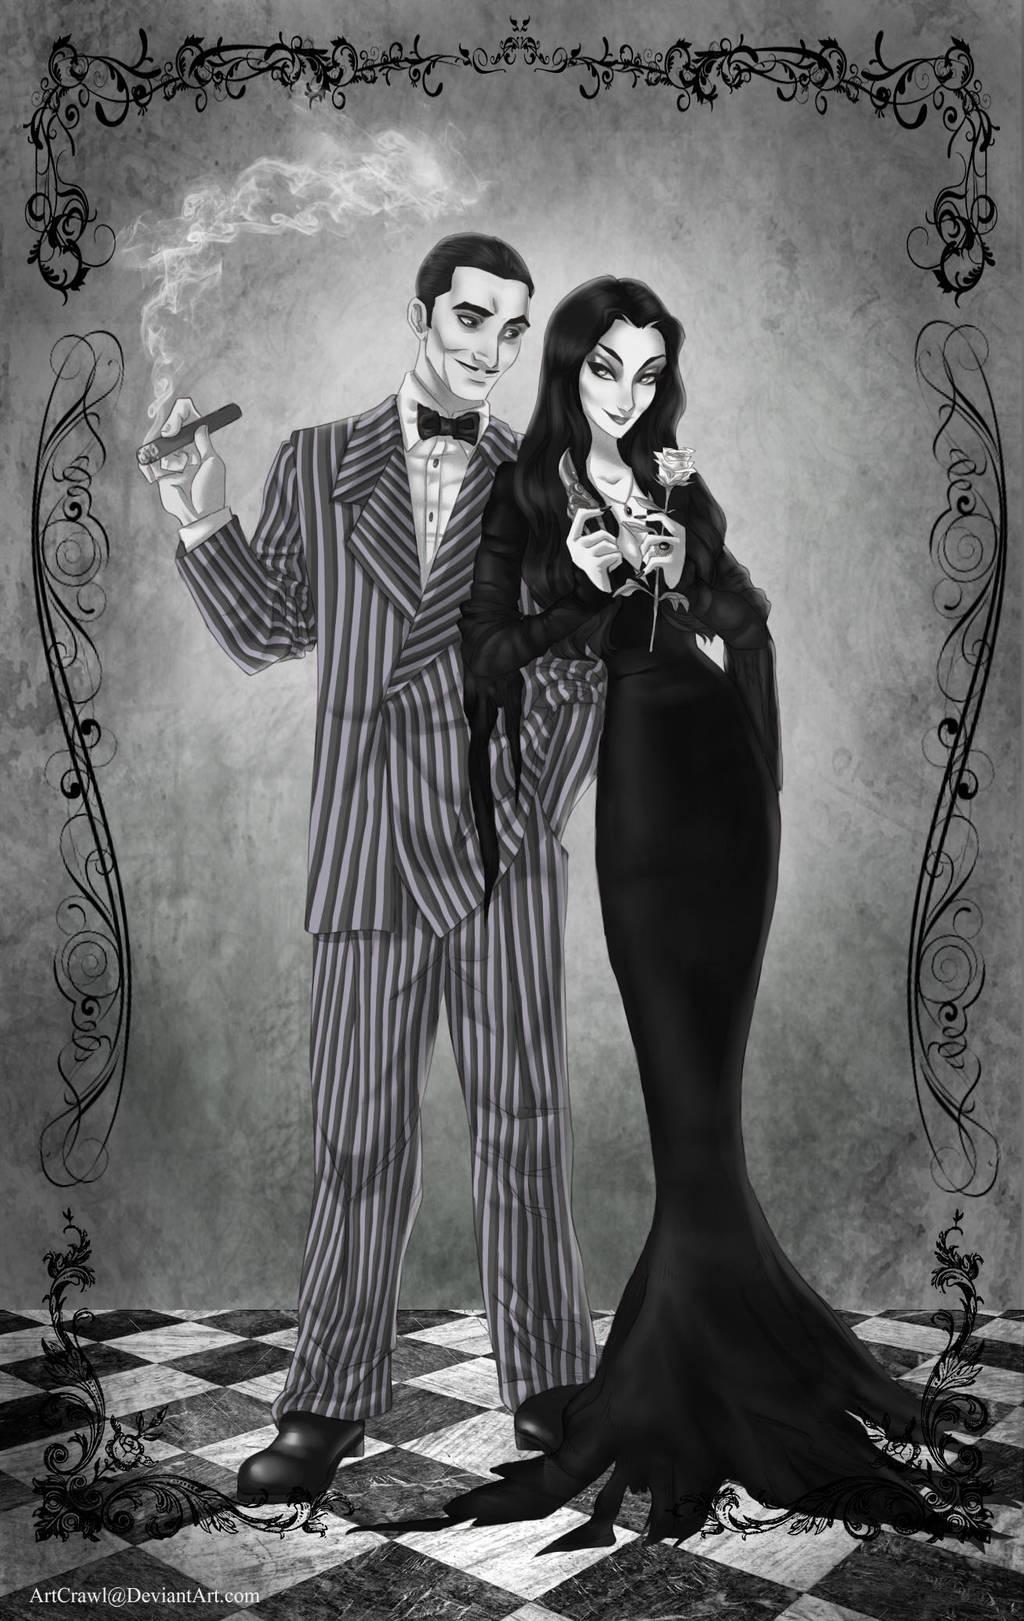 Gomez and Morticia by ArtCrawl on DeviantArt